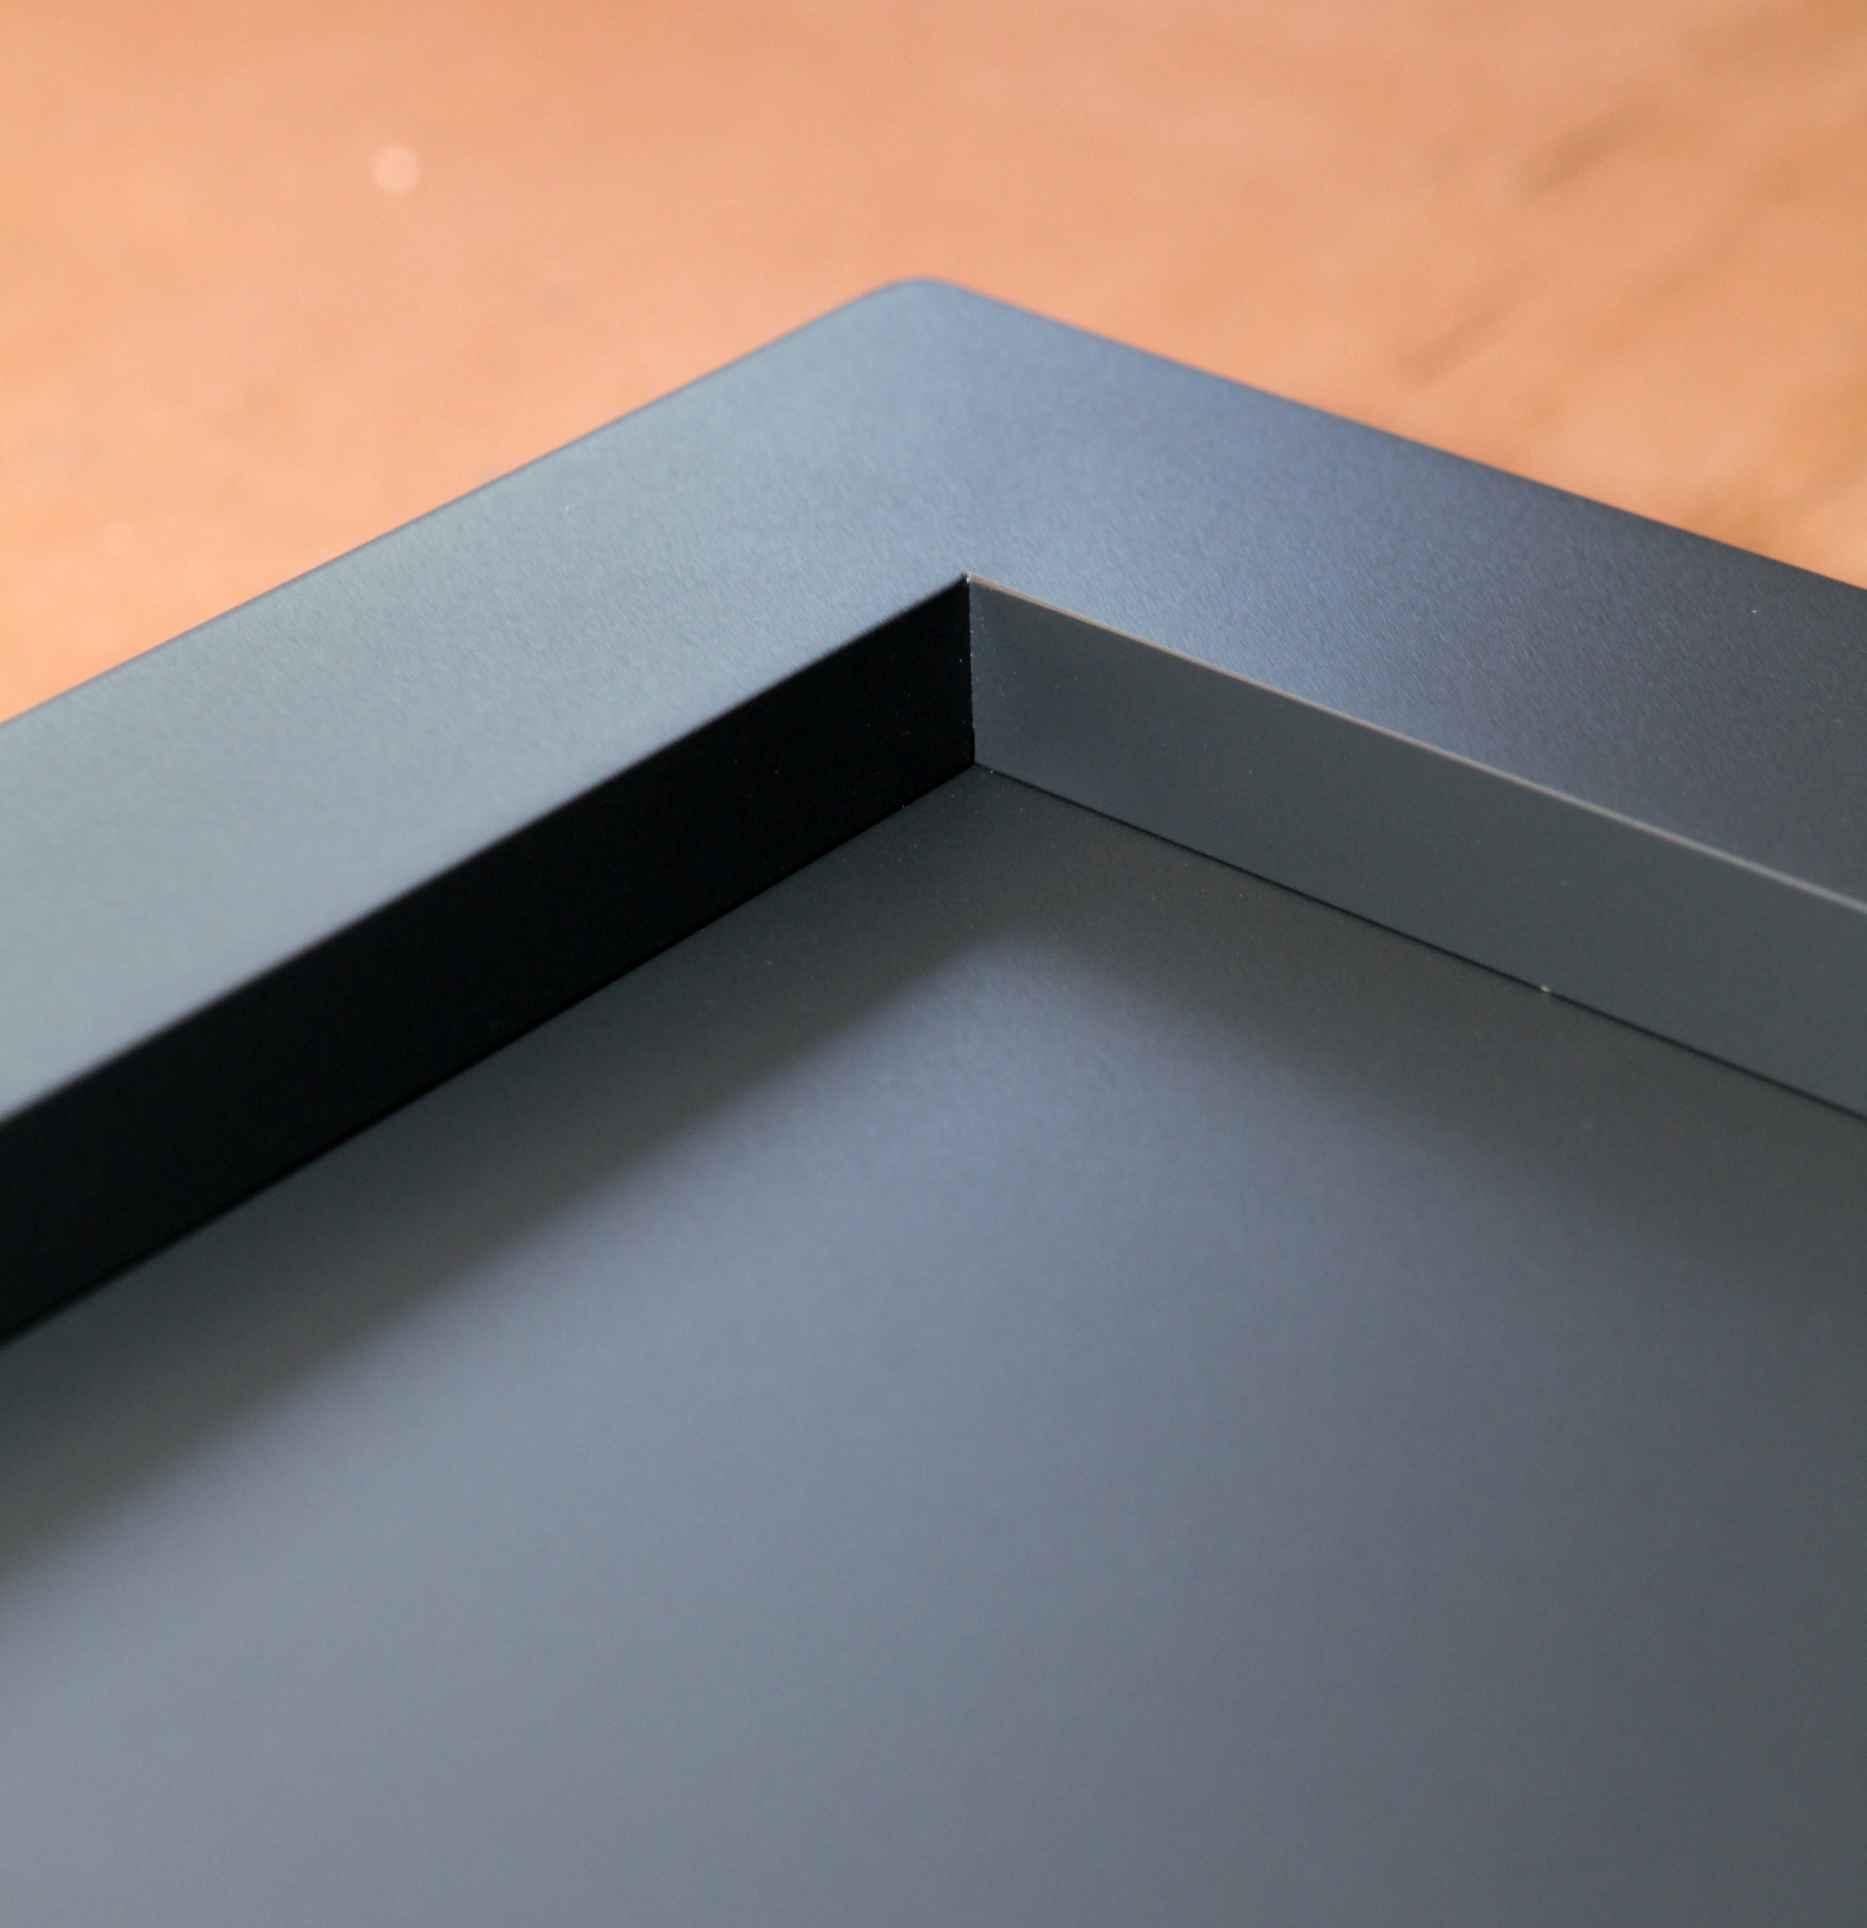 la40 am lager wh94 aluminium mit kunststoff haust r welthaus t ren shop welthaus haust ren. Black Bedroom Furniture Sets. Home Design Ideas